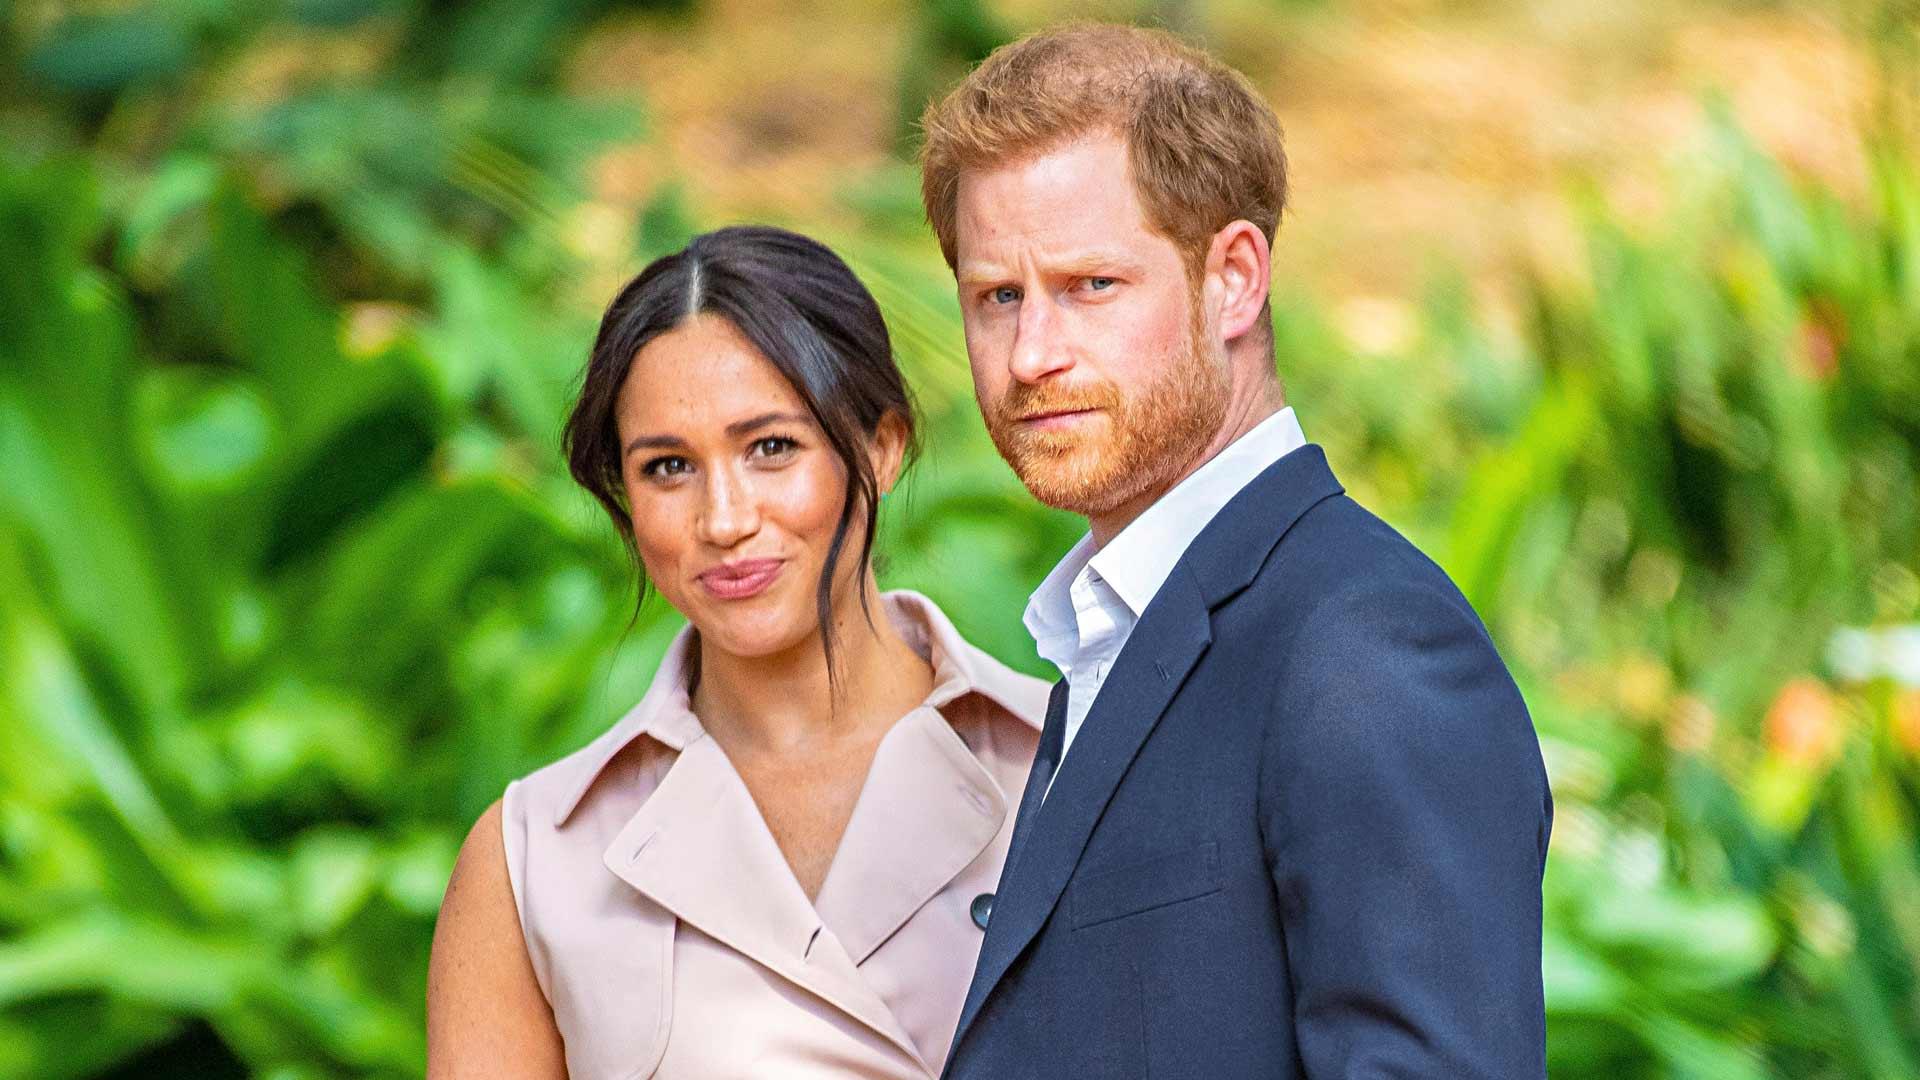 Sussexin herttuaparin nopea pudotus voi tuntua rajulta. Ainakin prinssi Harry saattaa vielä ihmetellä, mitä hänelle oikein tapahtui.